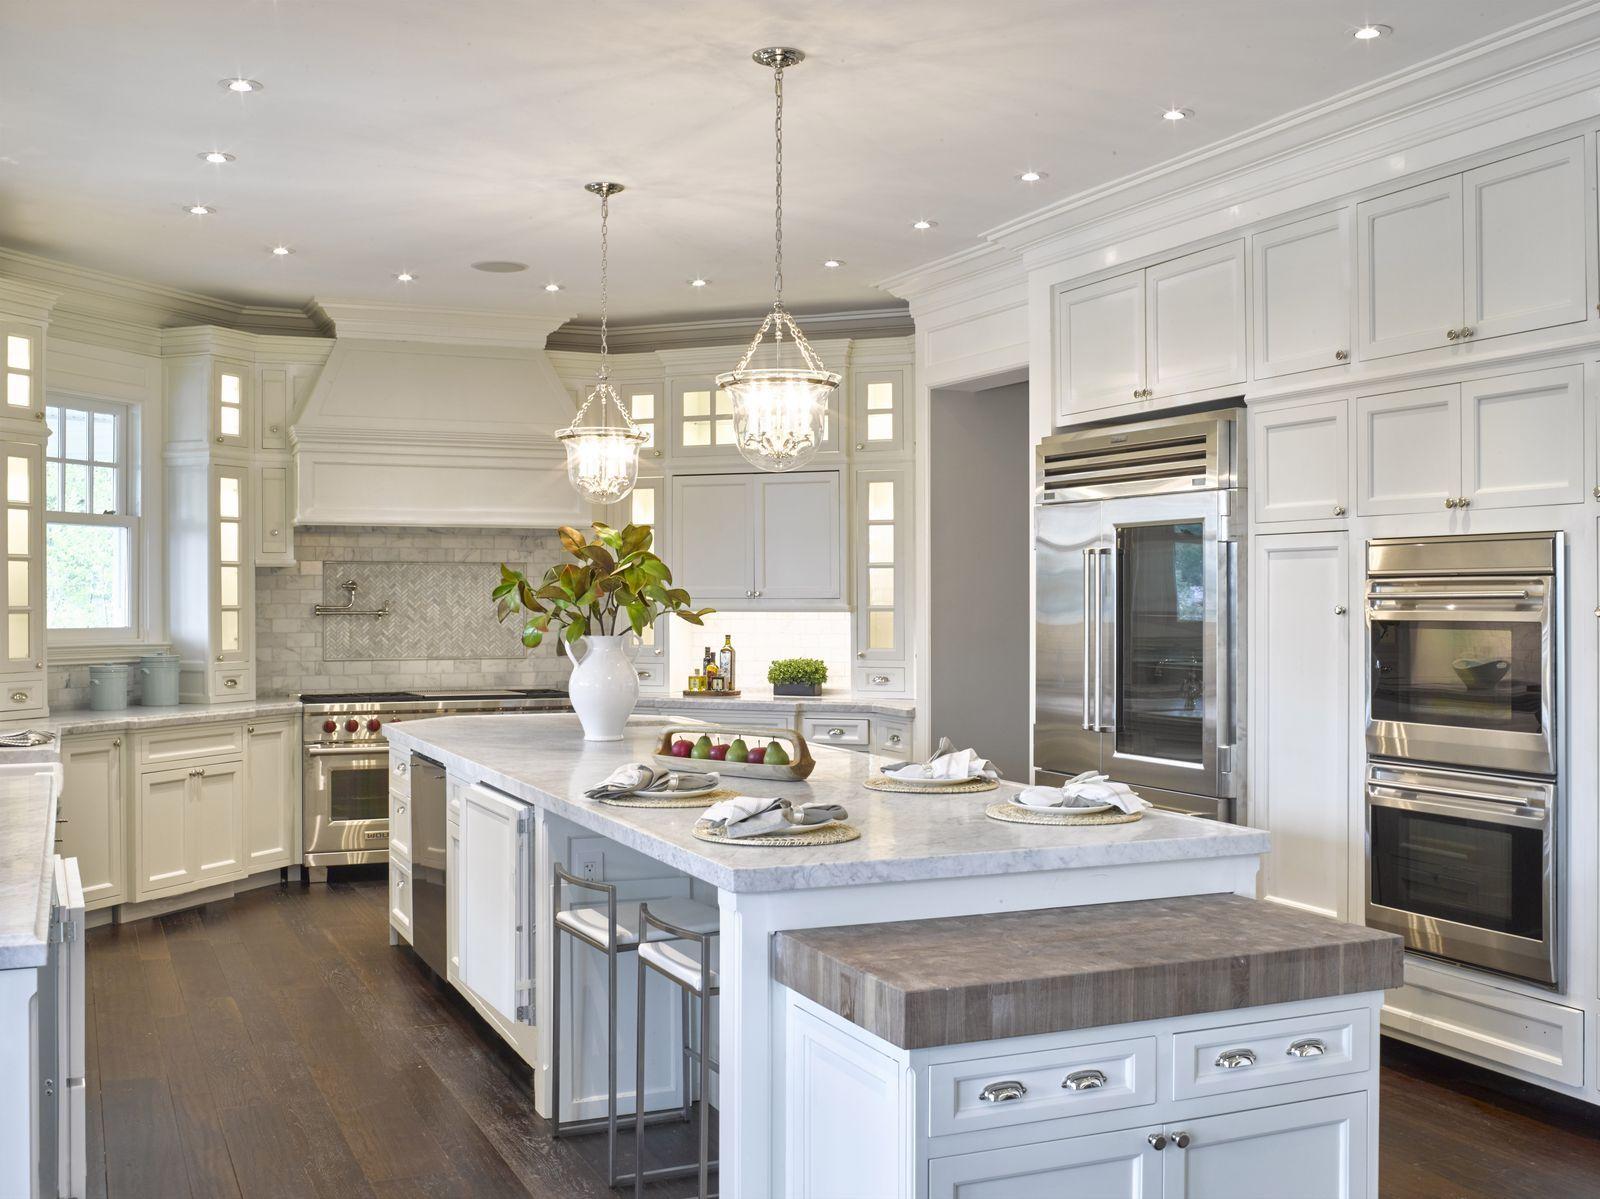 die besten 25 küche neu gestalten fotos ideen auf